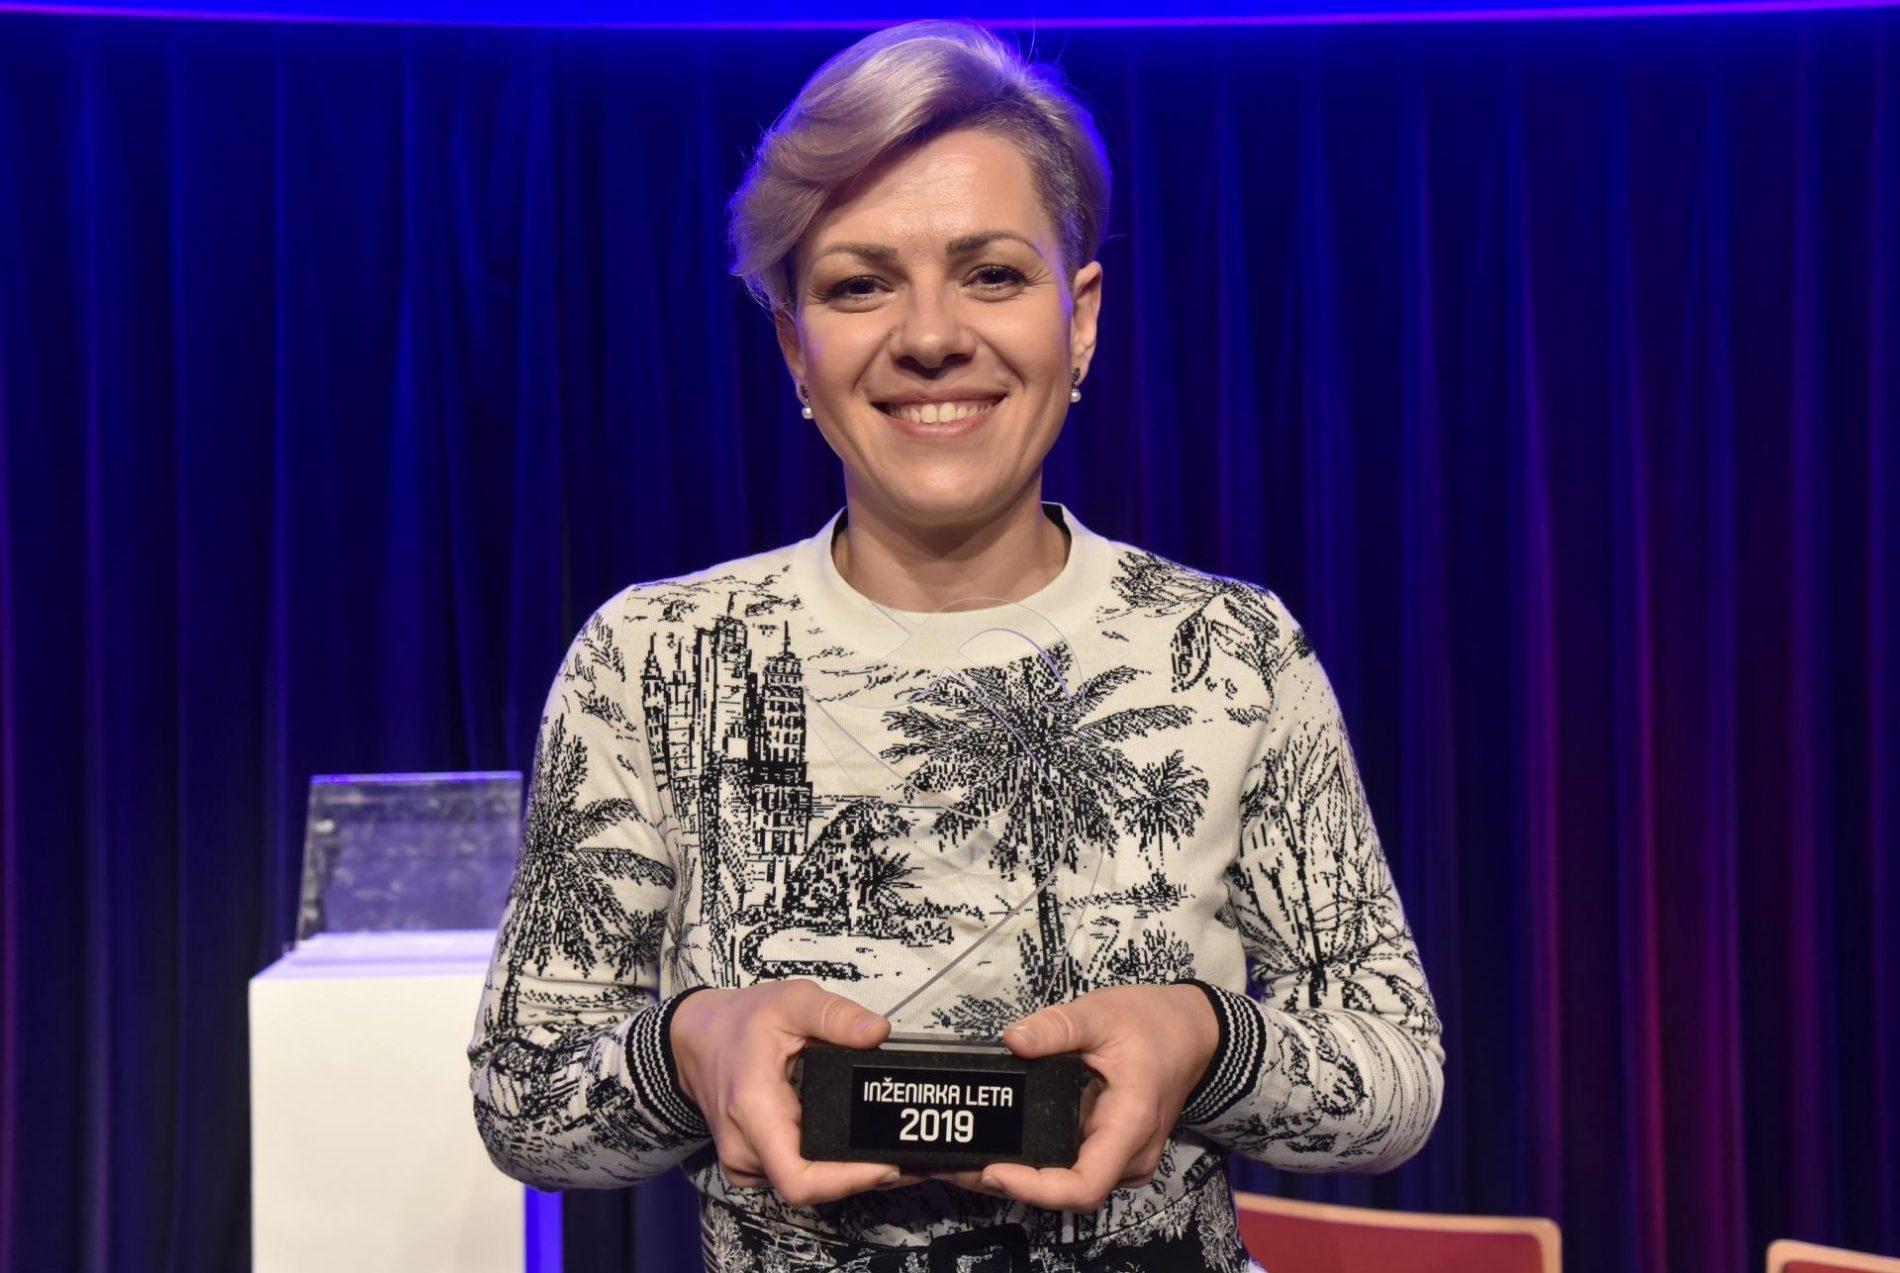 Dr. Aida Kamišalić Latifić, Inženjerka godine u Sloveniji